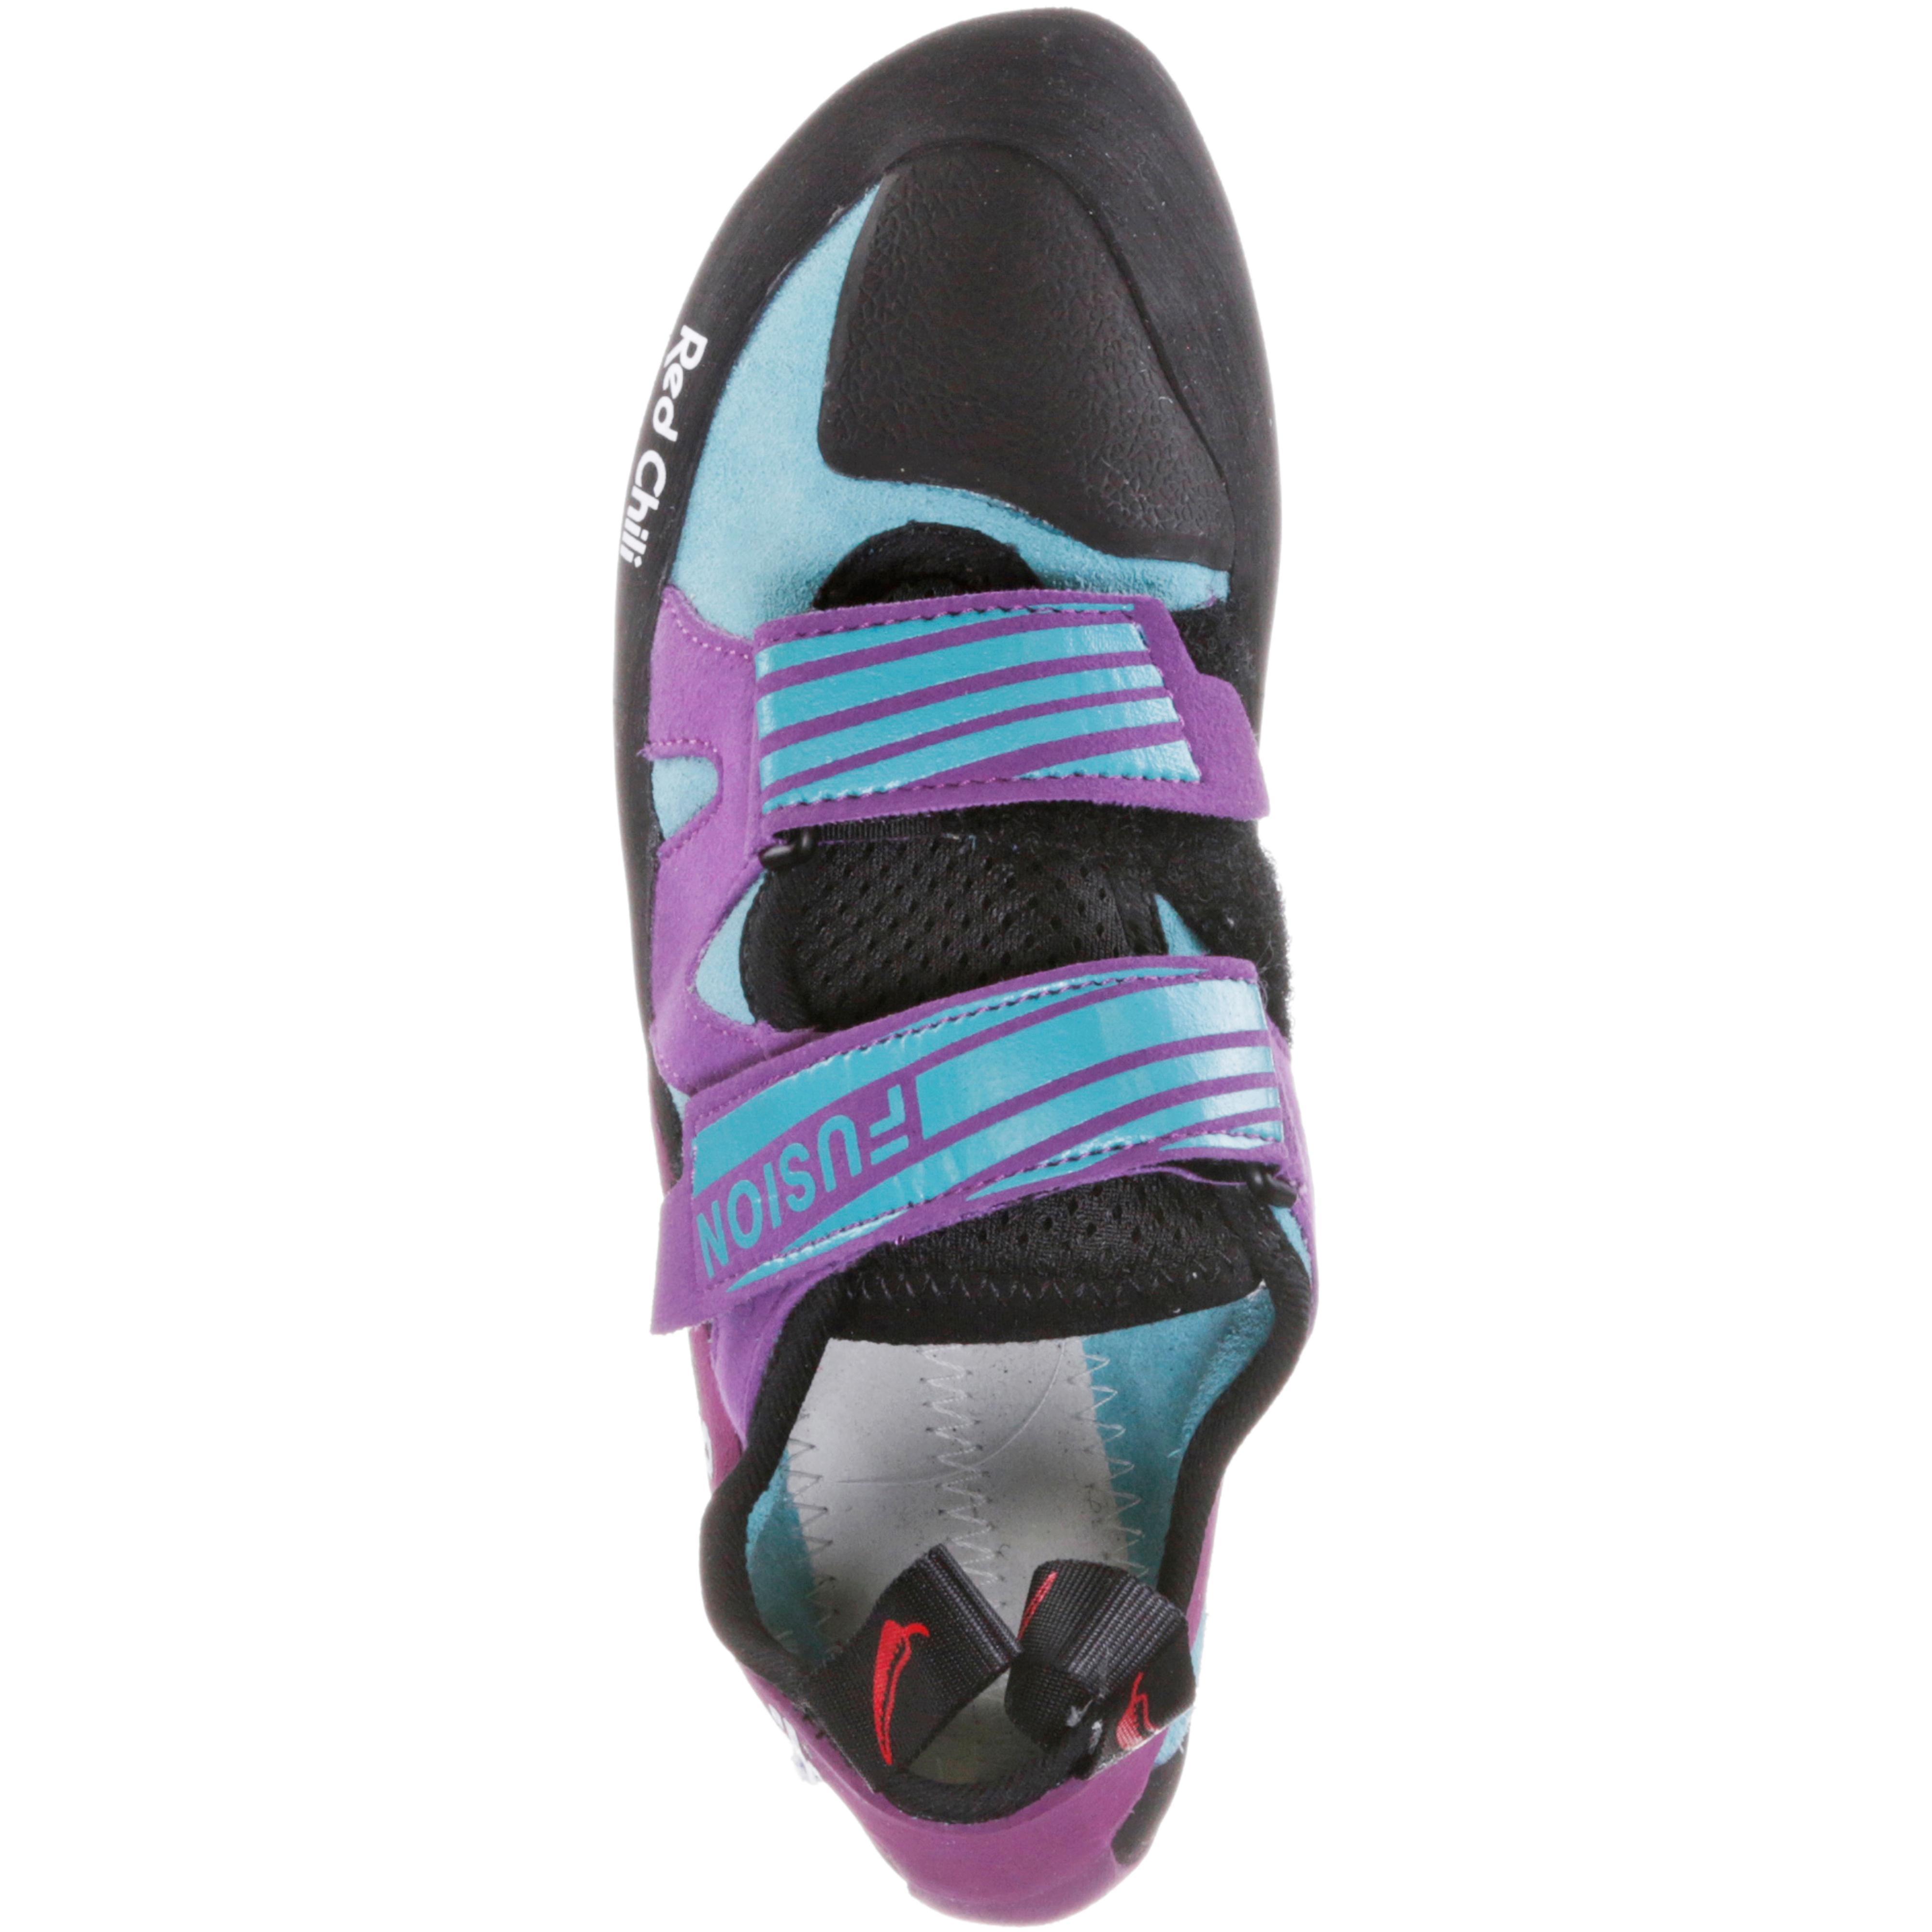 ROT Chili Fusion VCR Kletterschuhe Damen türkis/lila im Online Shop Qualität von SportScheck kaufen Gute Qualität Shop beliebte Schuhe 38b858